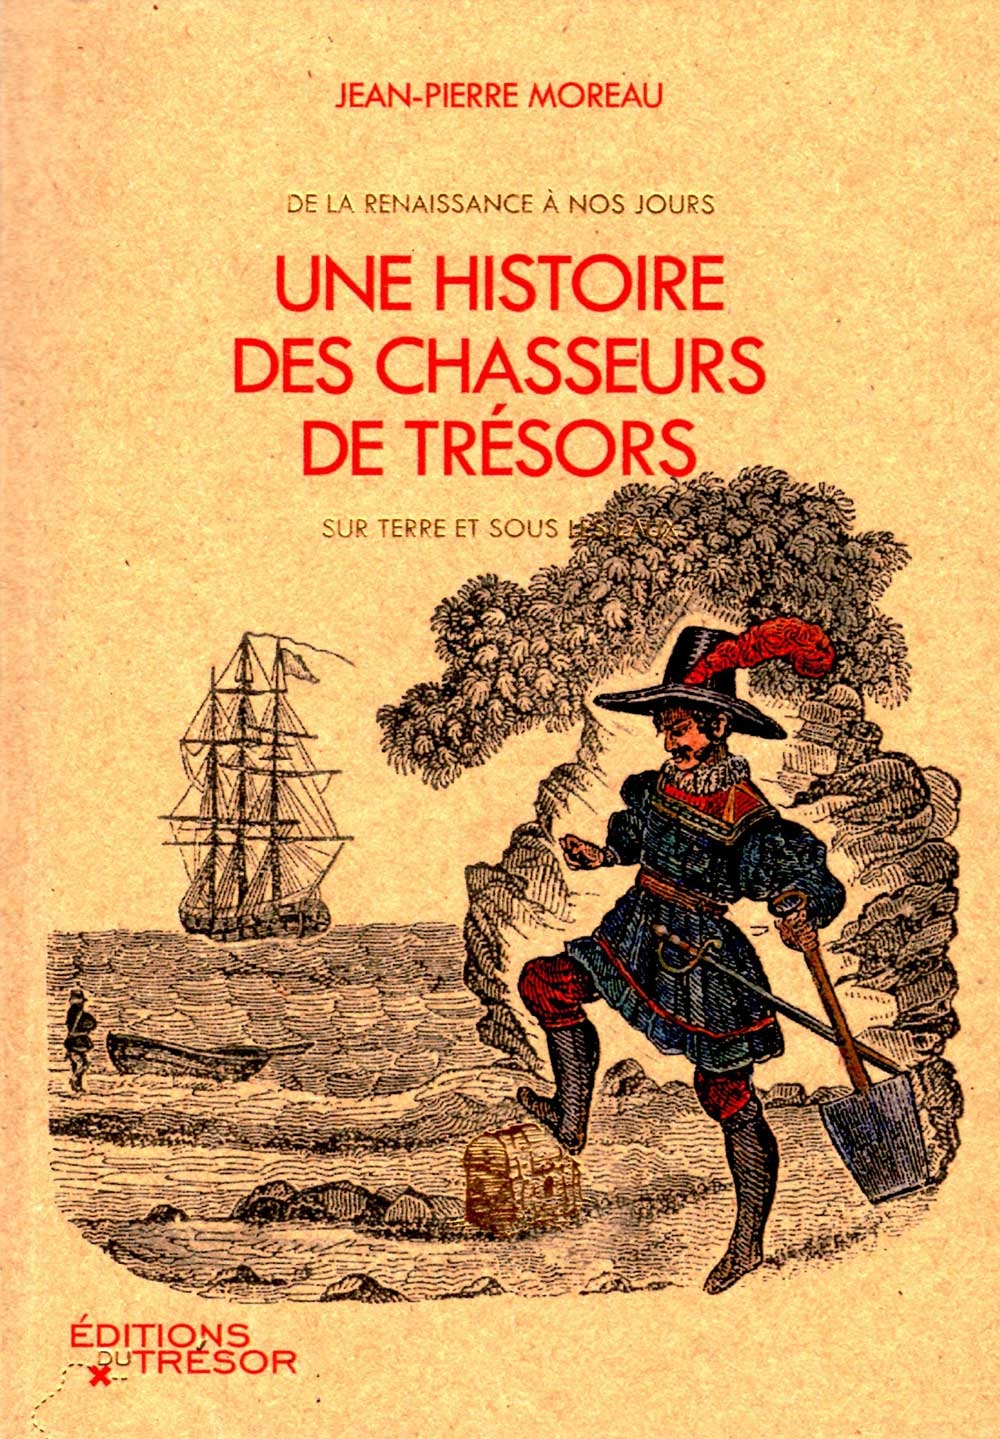 livre, histoire, mer, océan, chasseurs, trésors, jean-pierre moreau, éditions du trésor